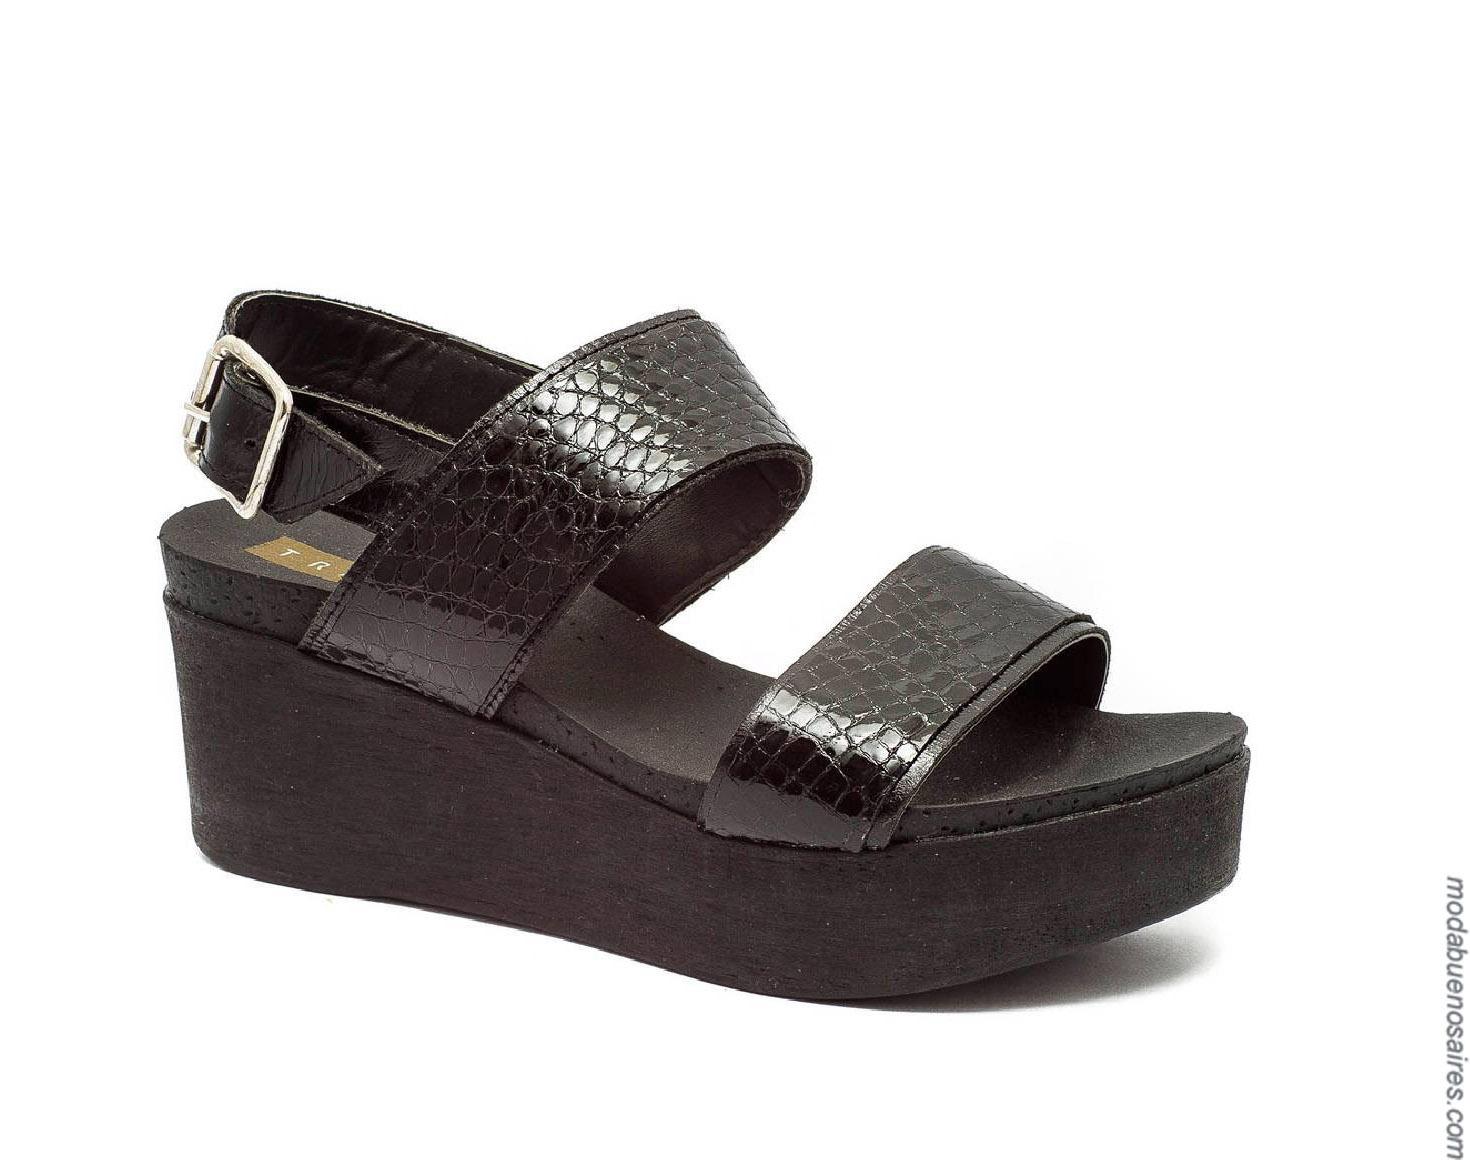 Moda sandalias primavera verano 2020.